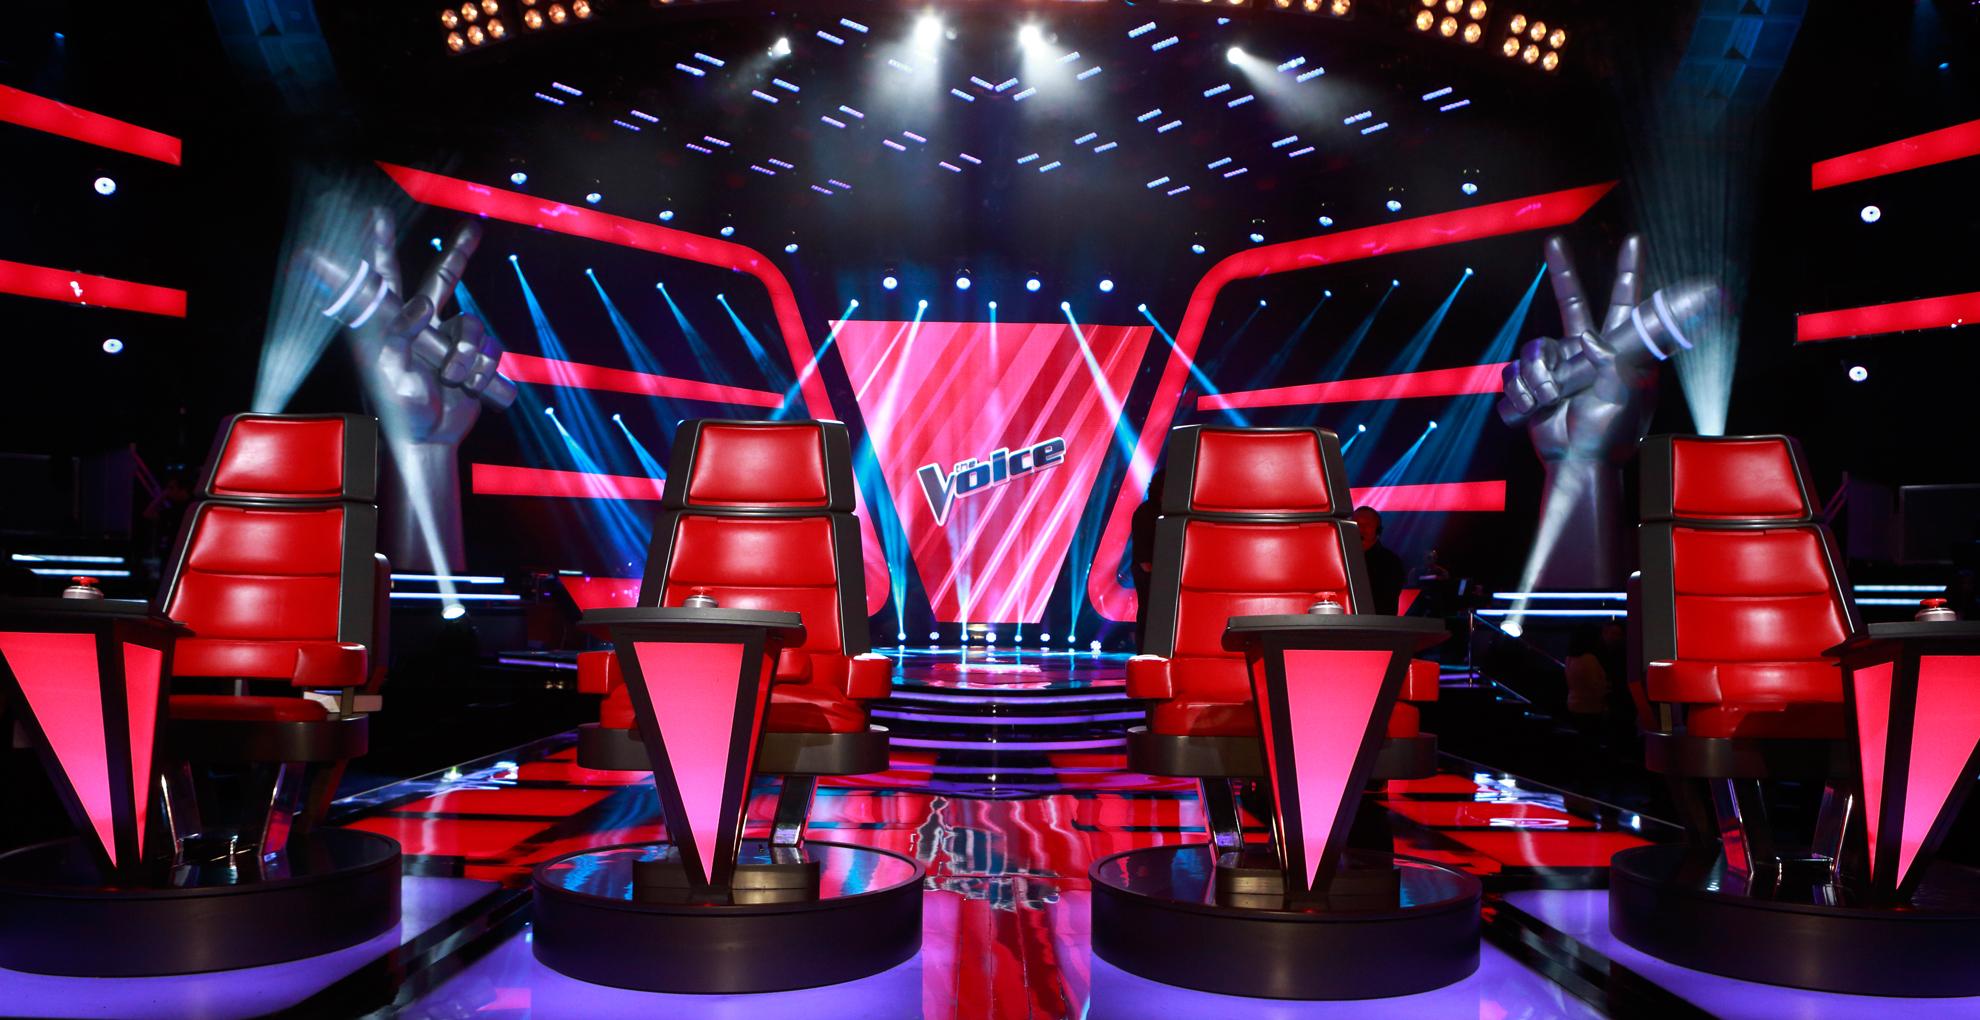 Ondanks de overvloed aan talentenjacht blijven er nieuwe programma's komen